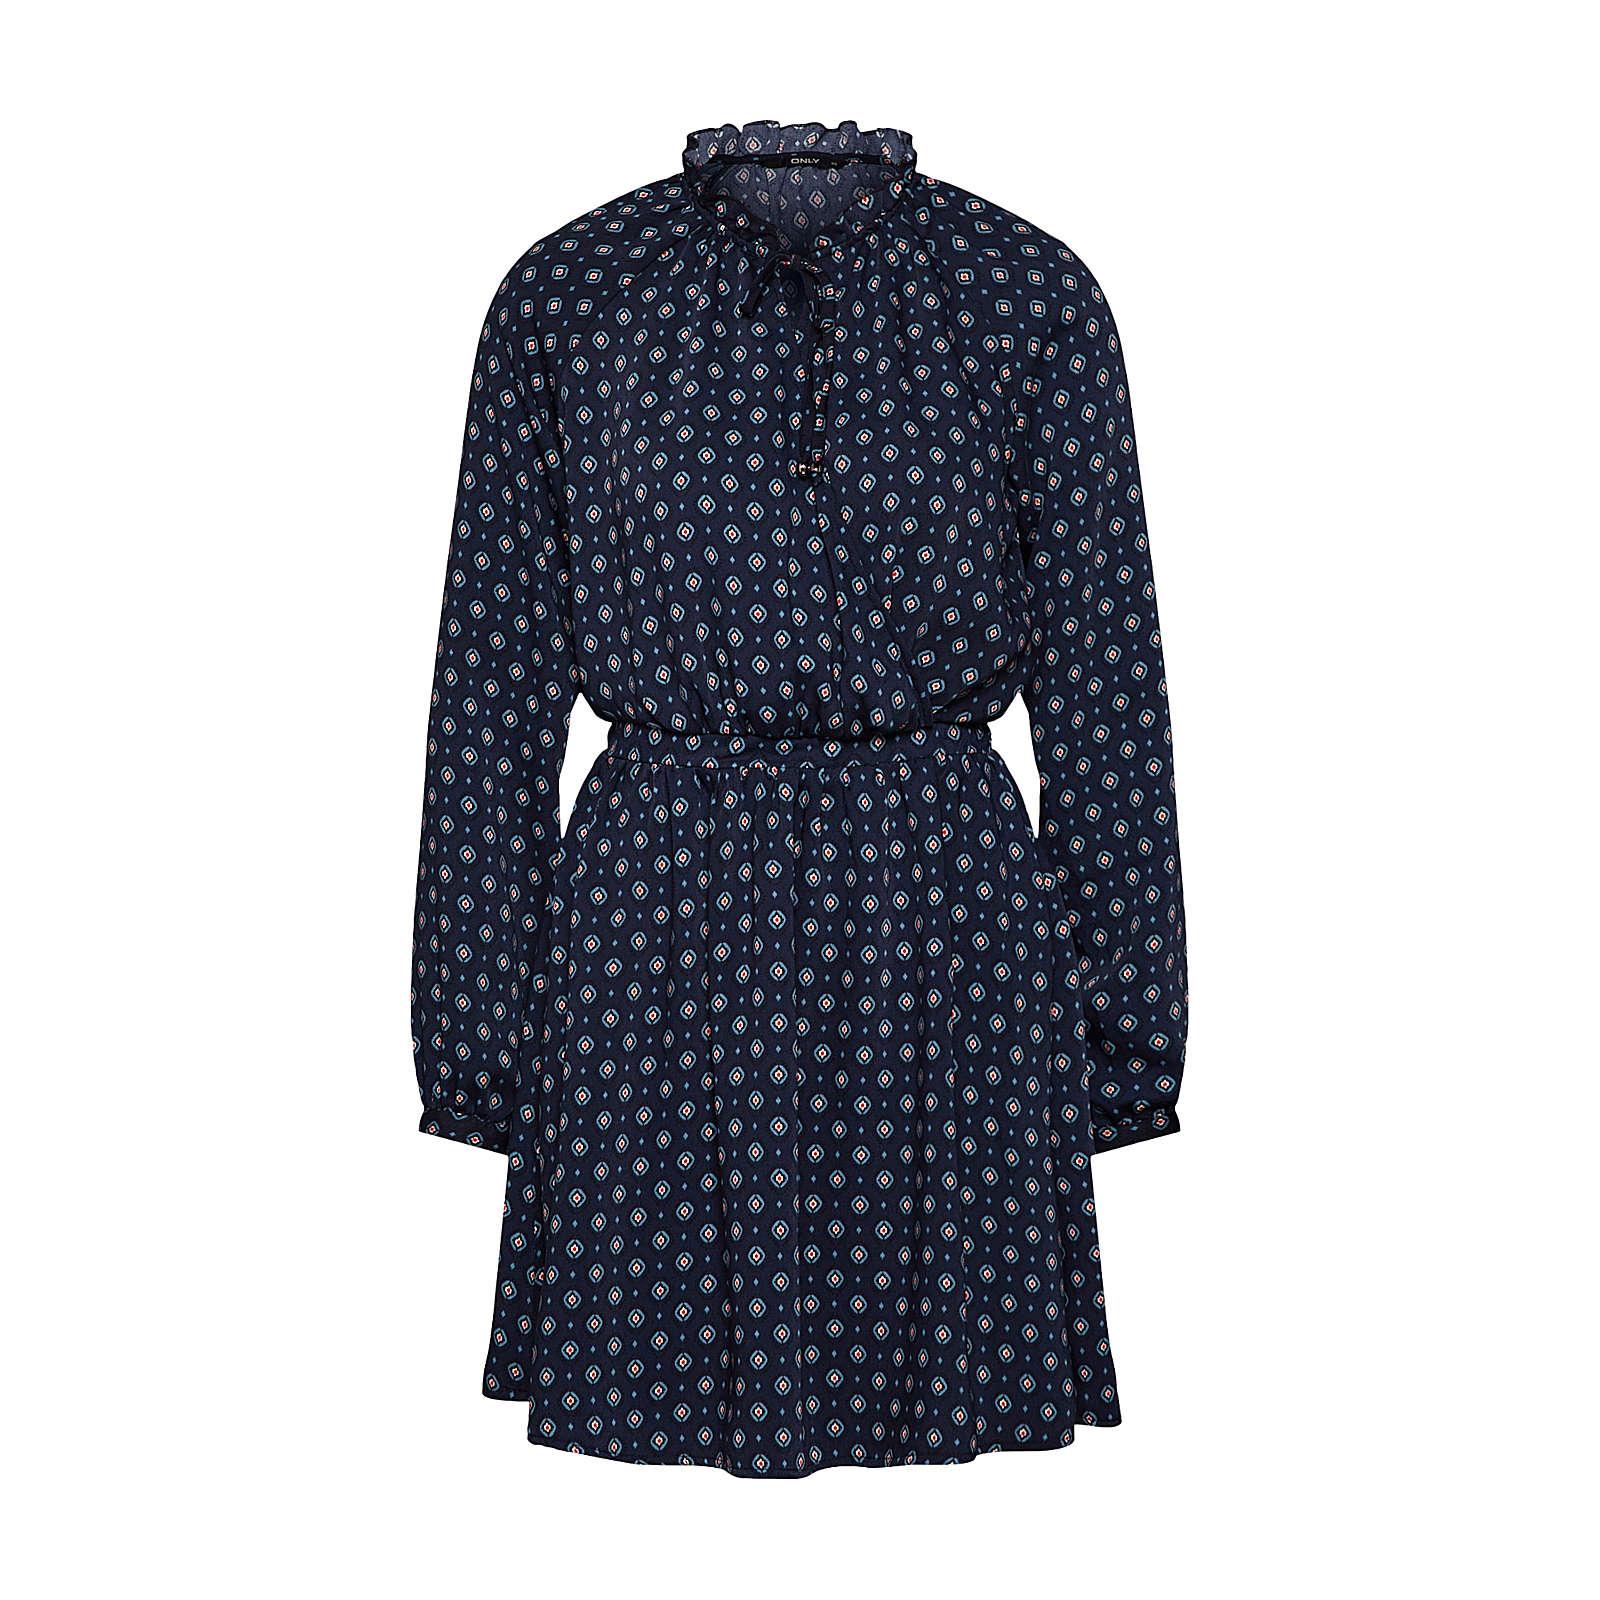 ONLY Blusenkleid Blusenkleider weiß Damen Gr. 40